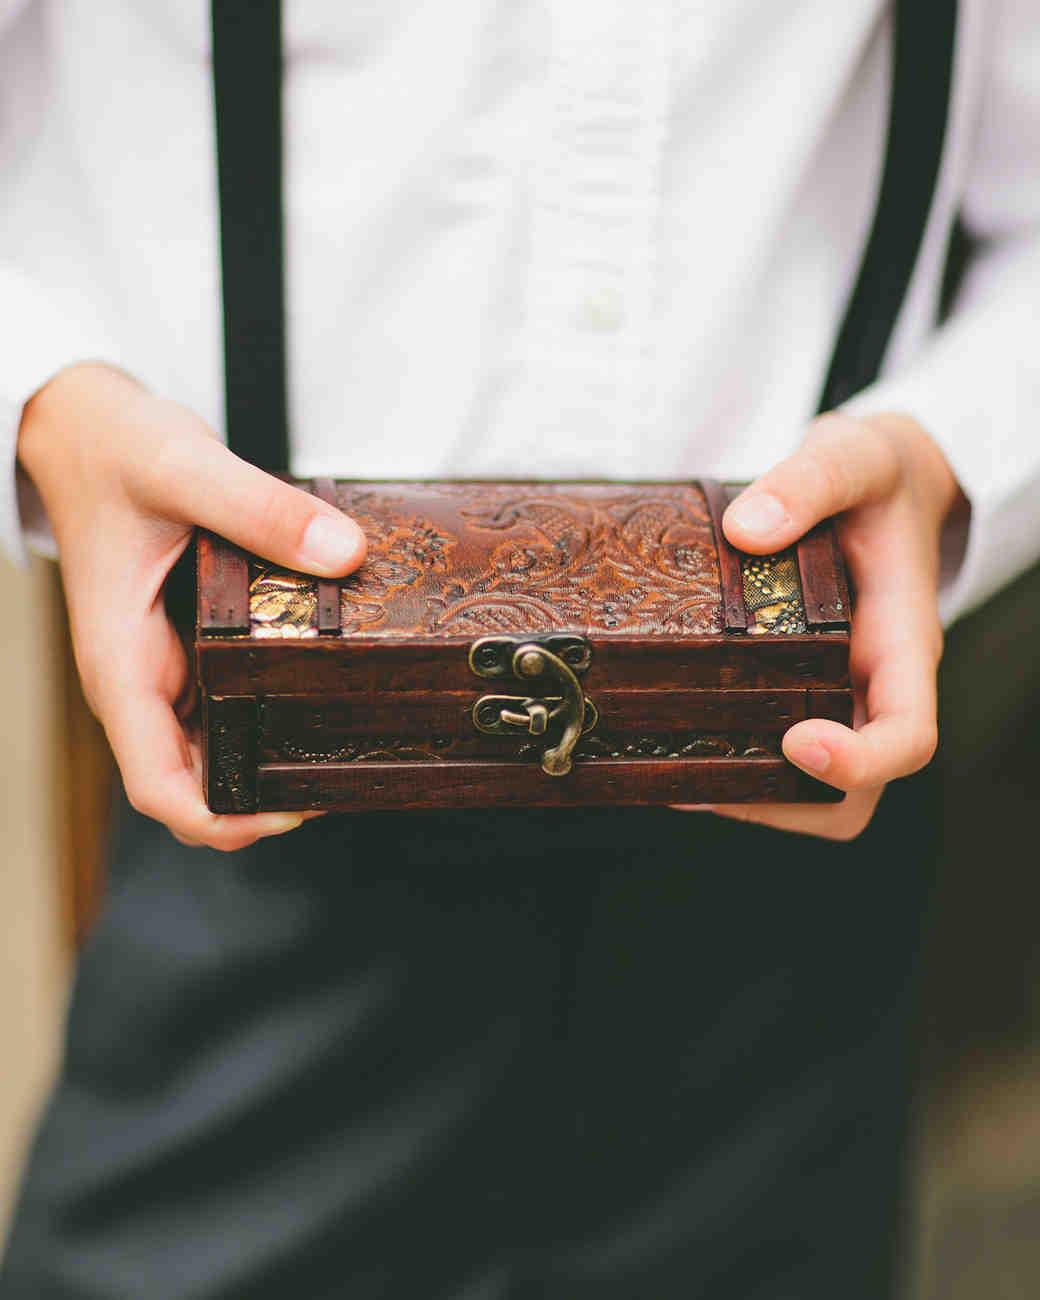 ring bearer holding ornate box at wedding